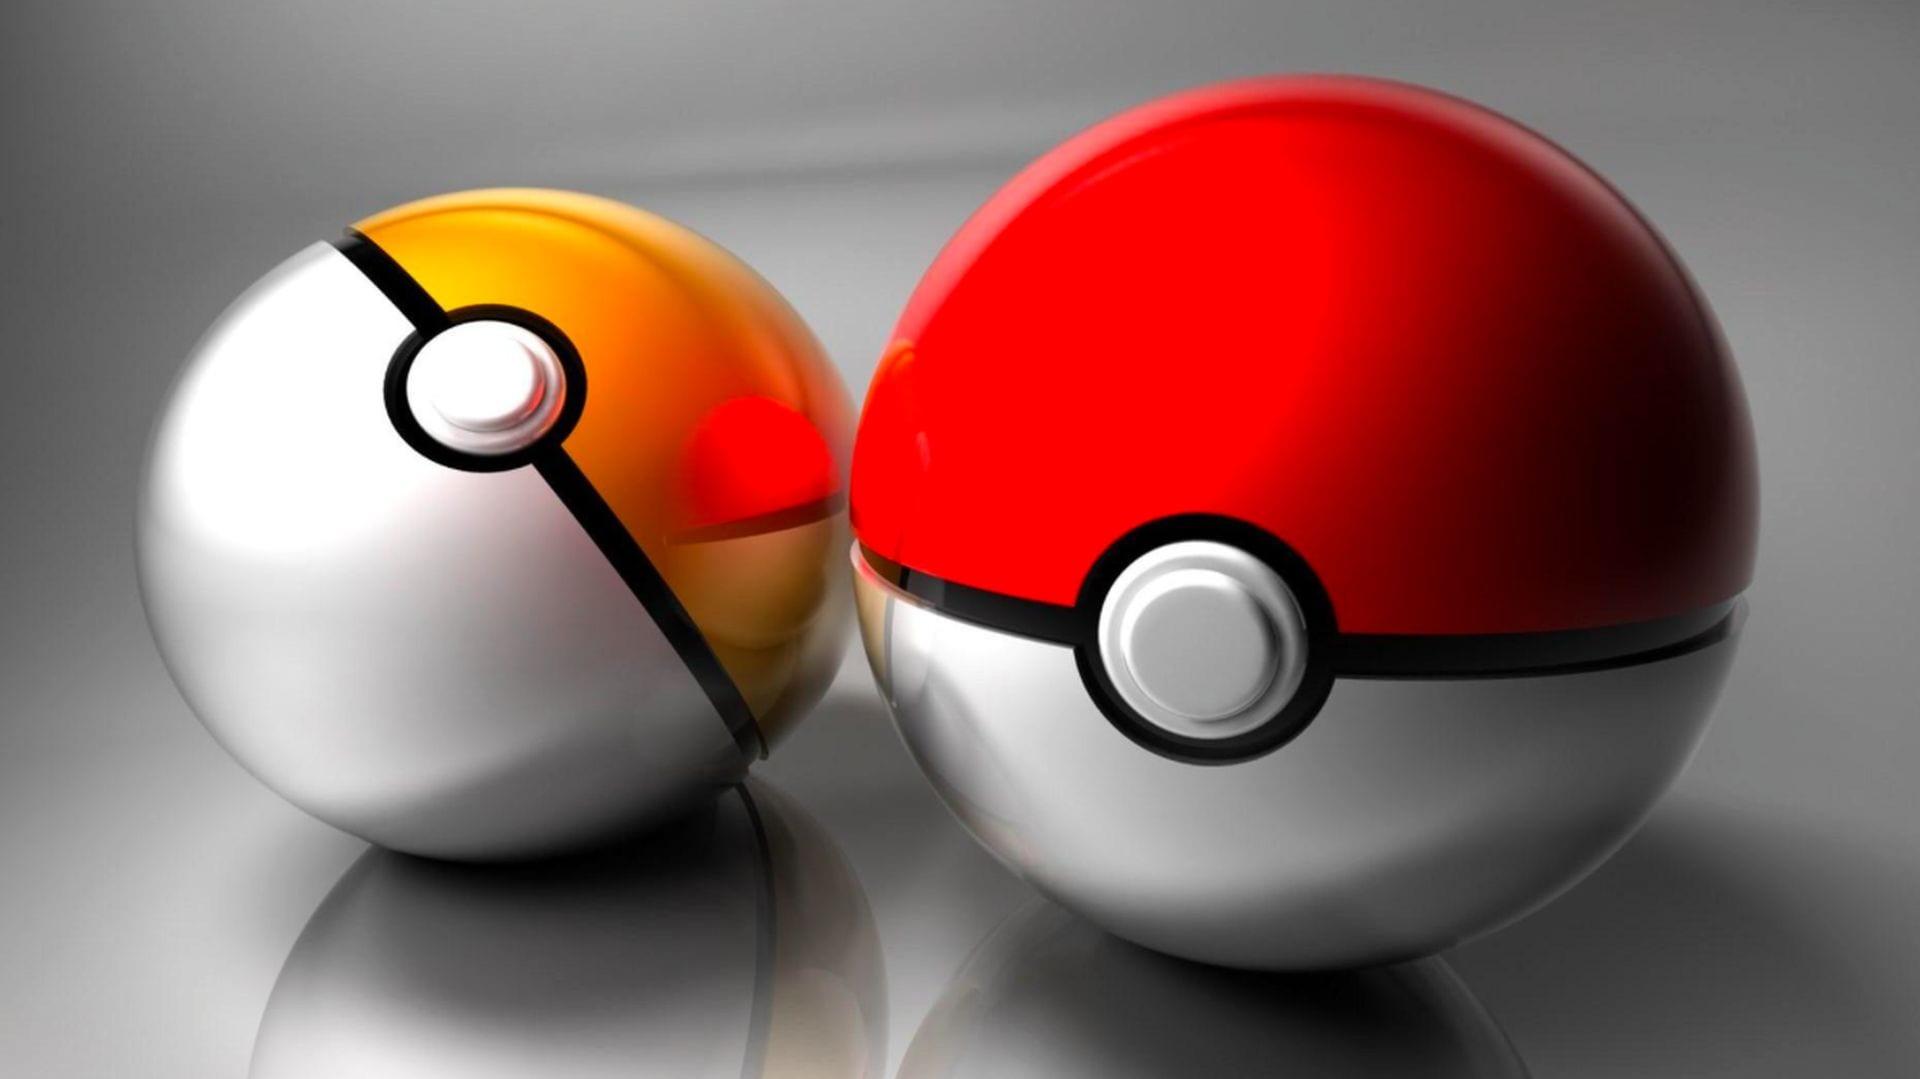 [APK] Descargar e instalar Xposed Pokemon, la mejor manera de cazar Pokemons sin salir de casa, incluso en terminales Samsung